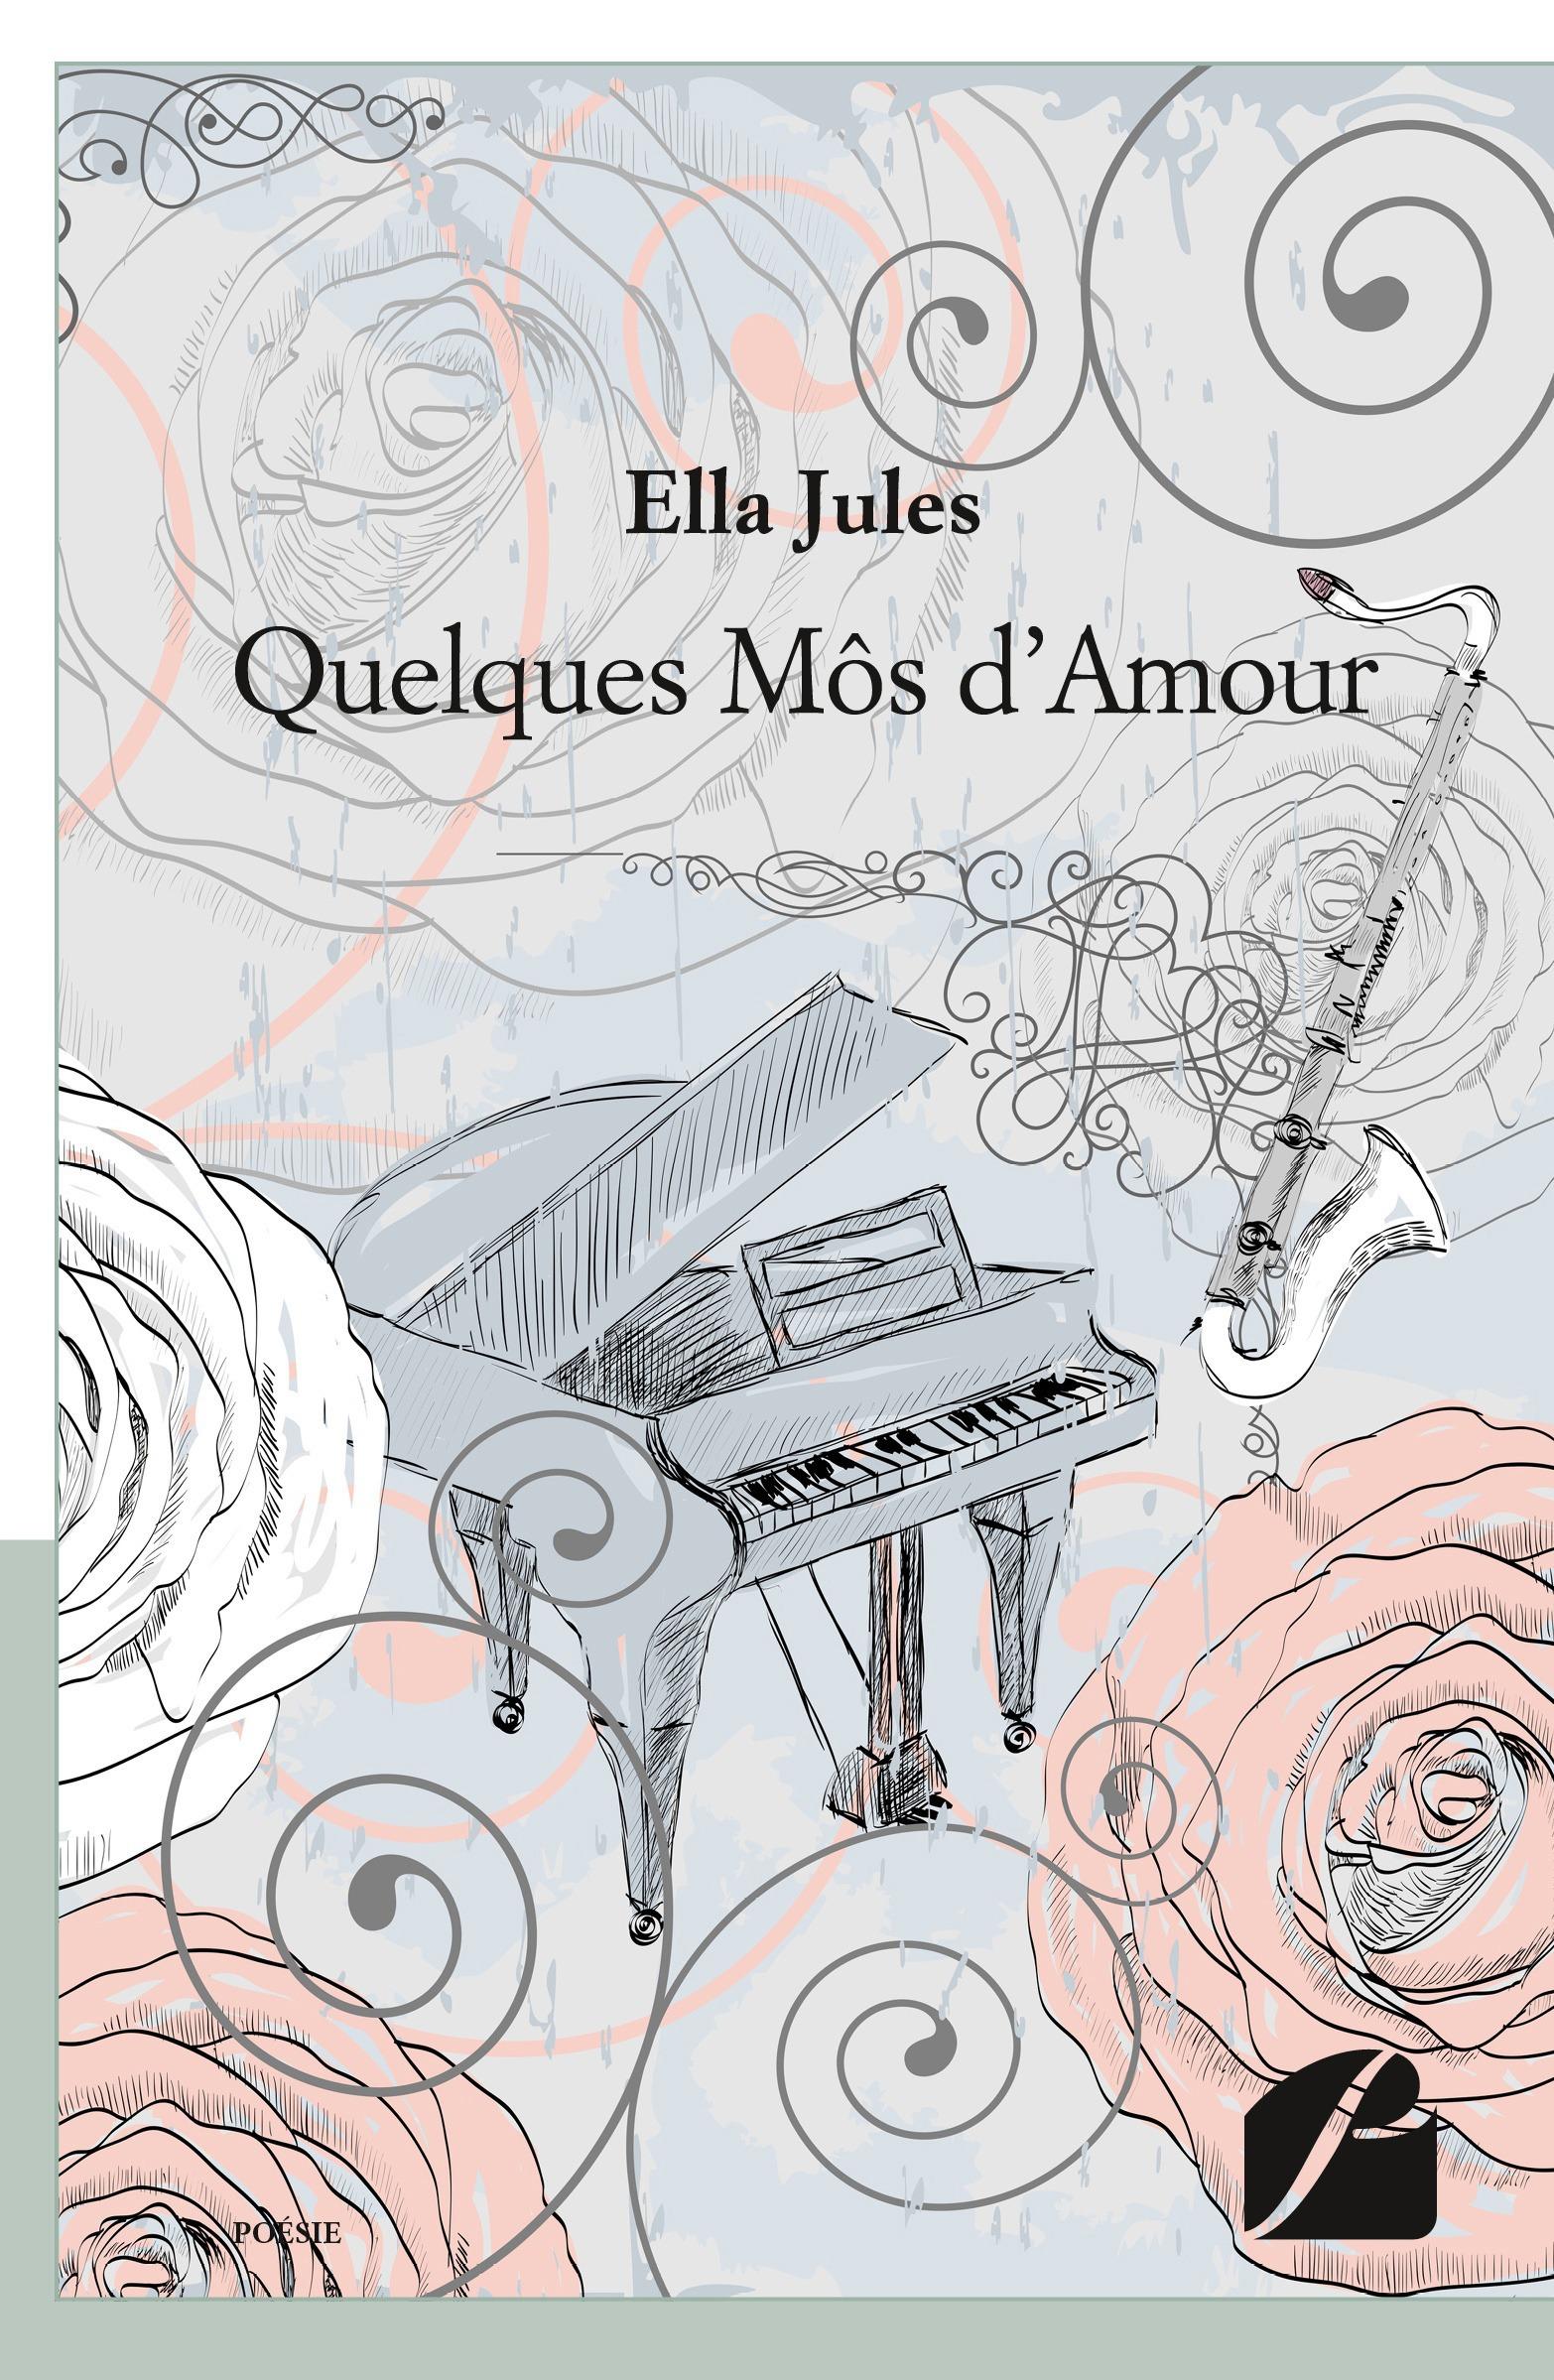 Ella Jules Quelques Môs d'Amour